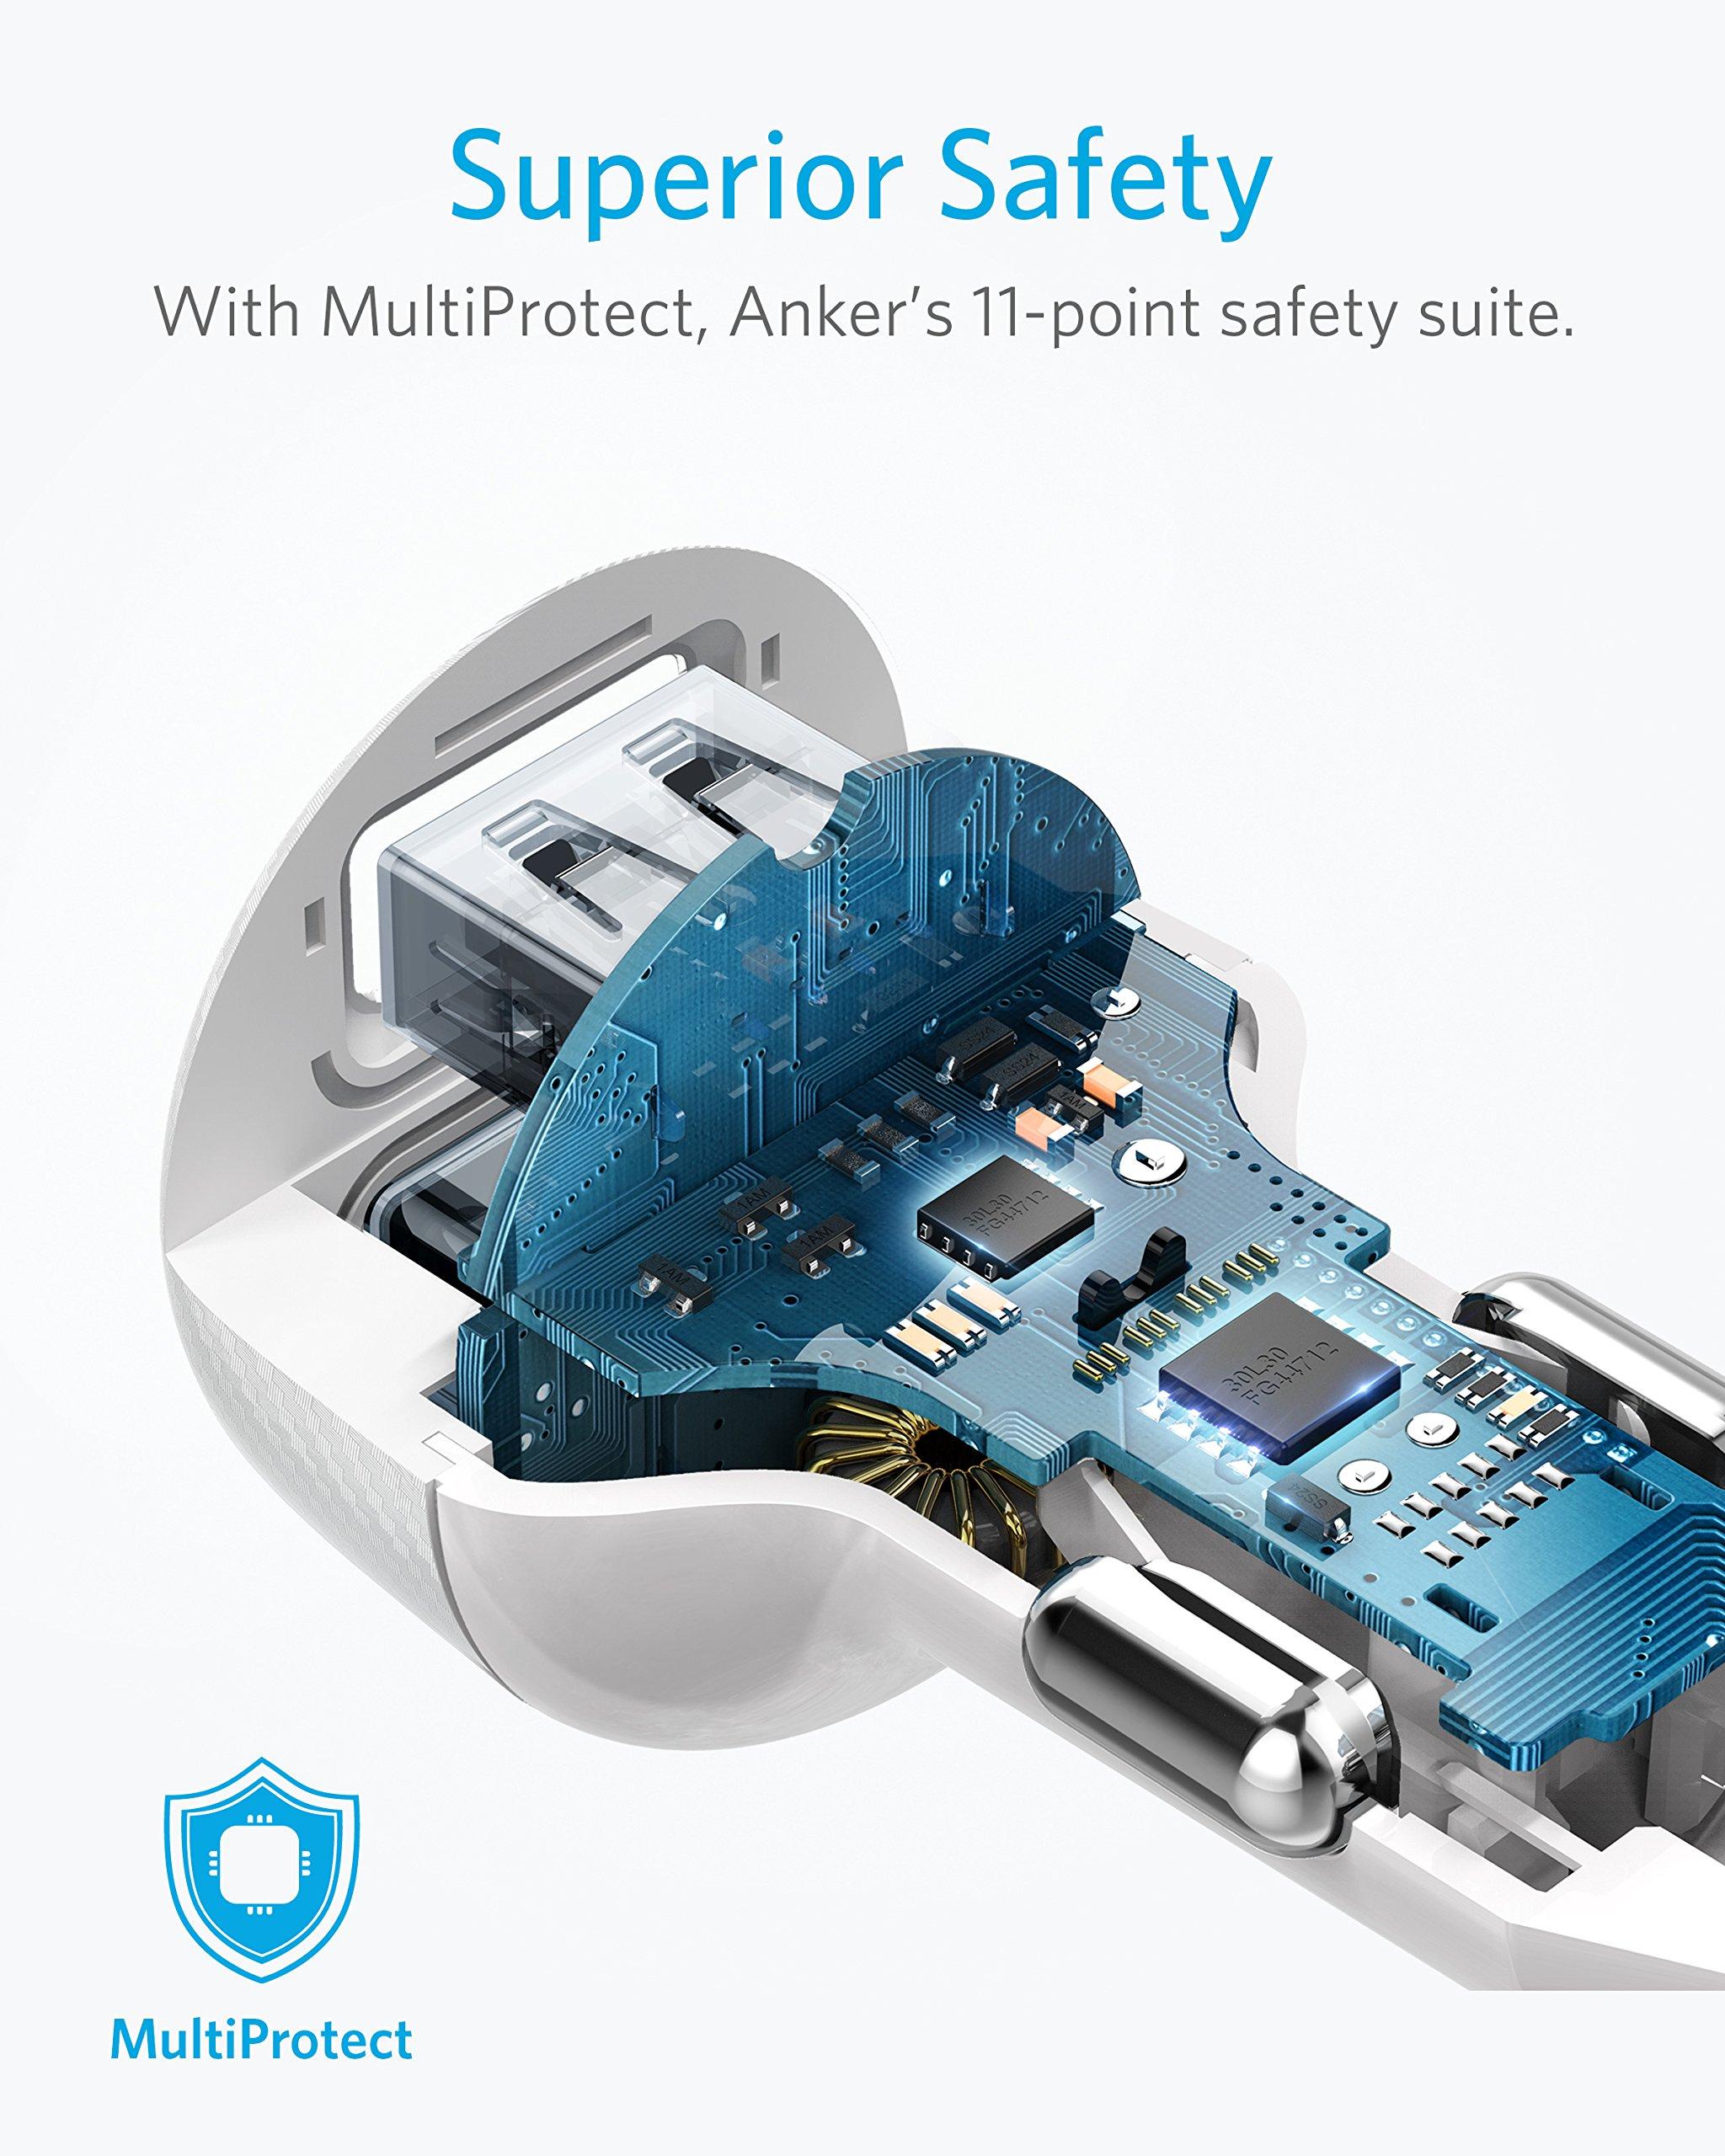 Anker-PowerDrive-2-Elite-Kompaktes-24W-Kfz-Ladegert